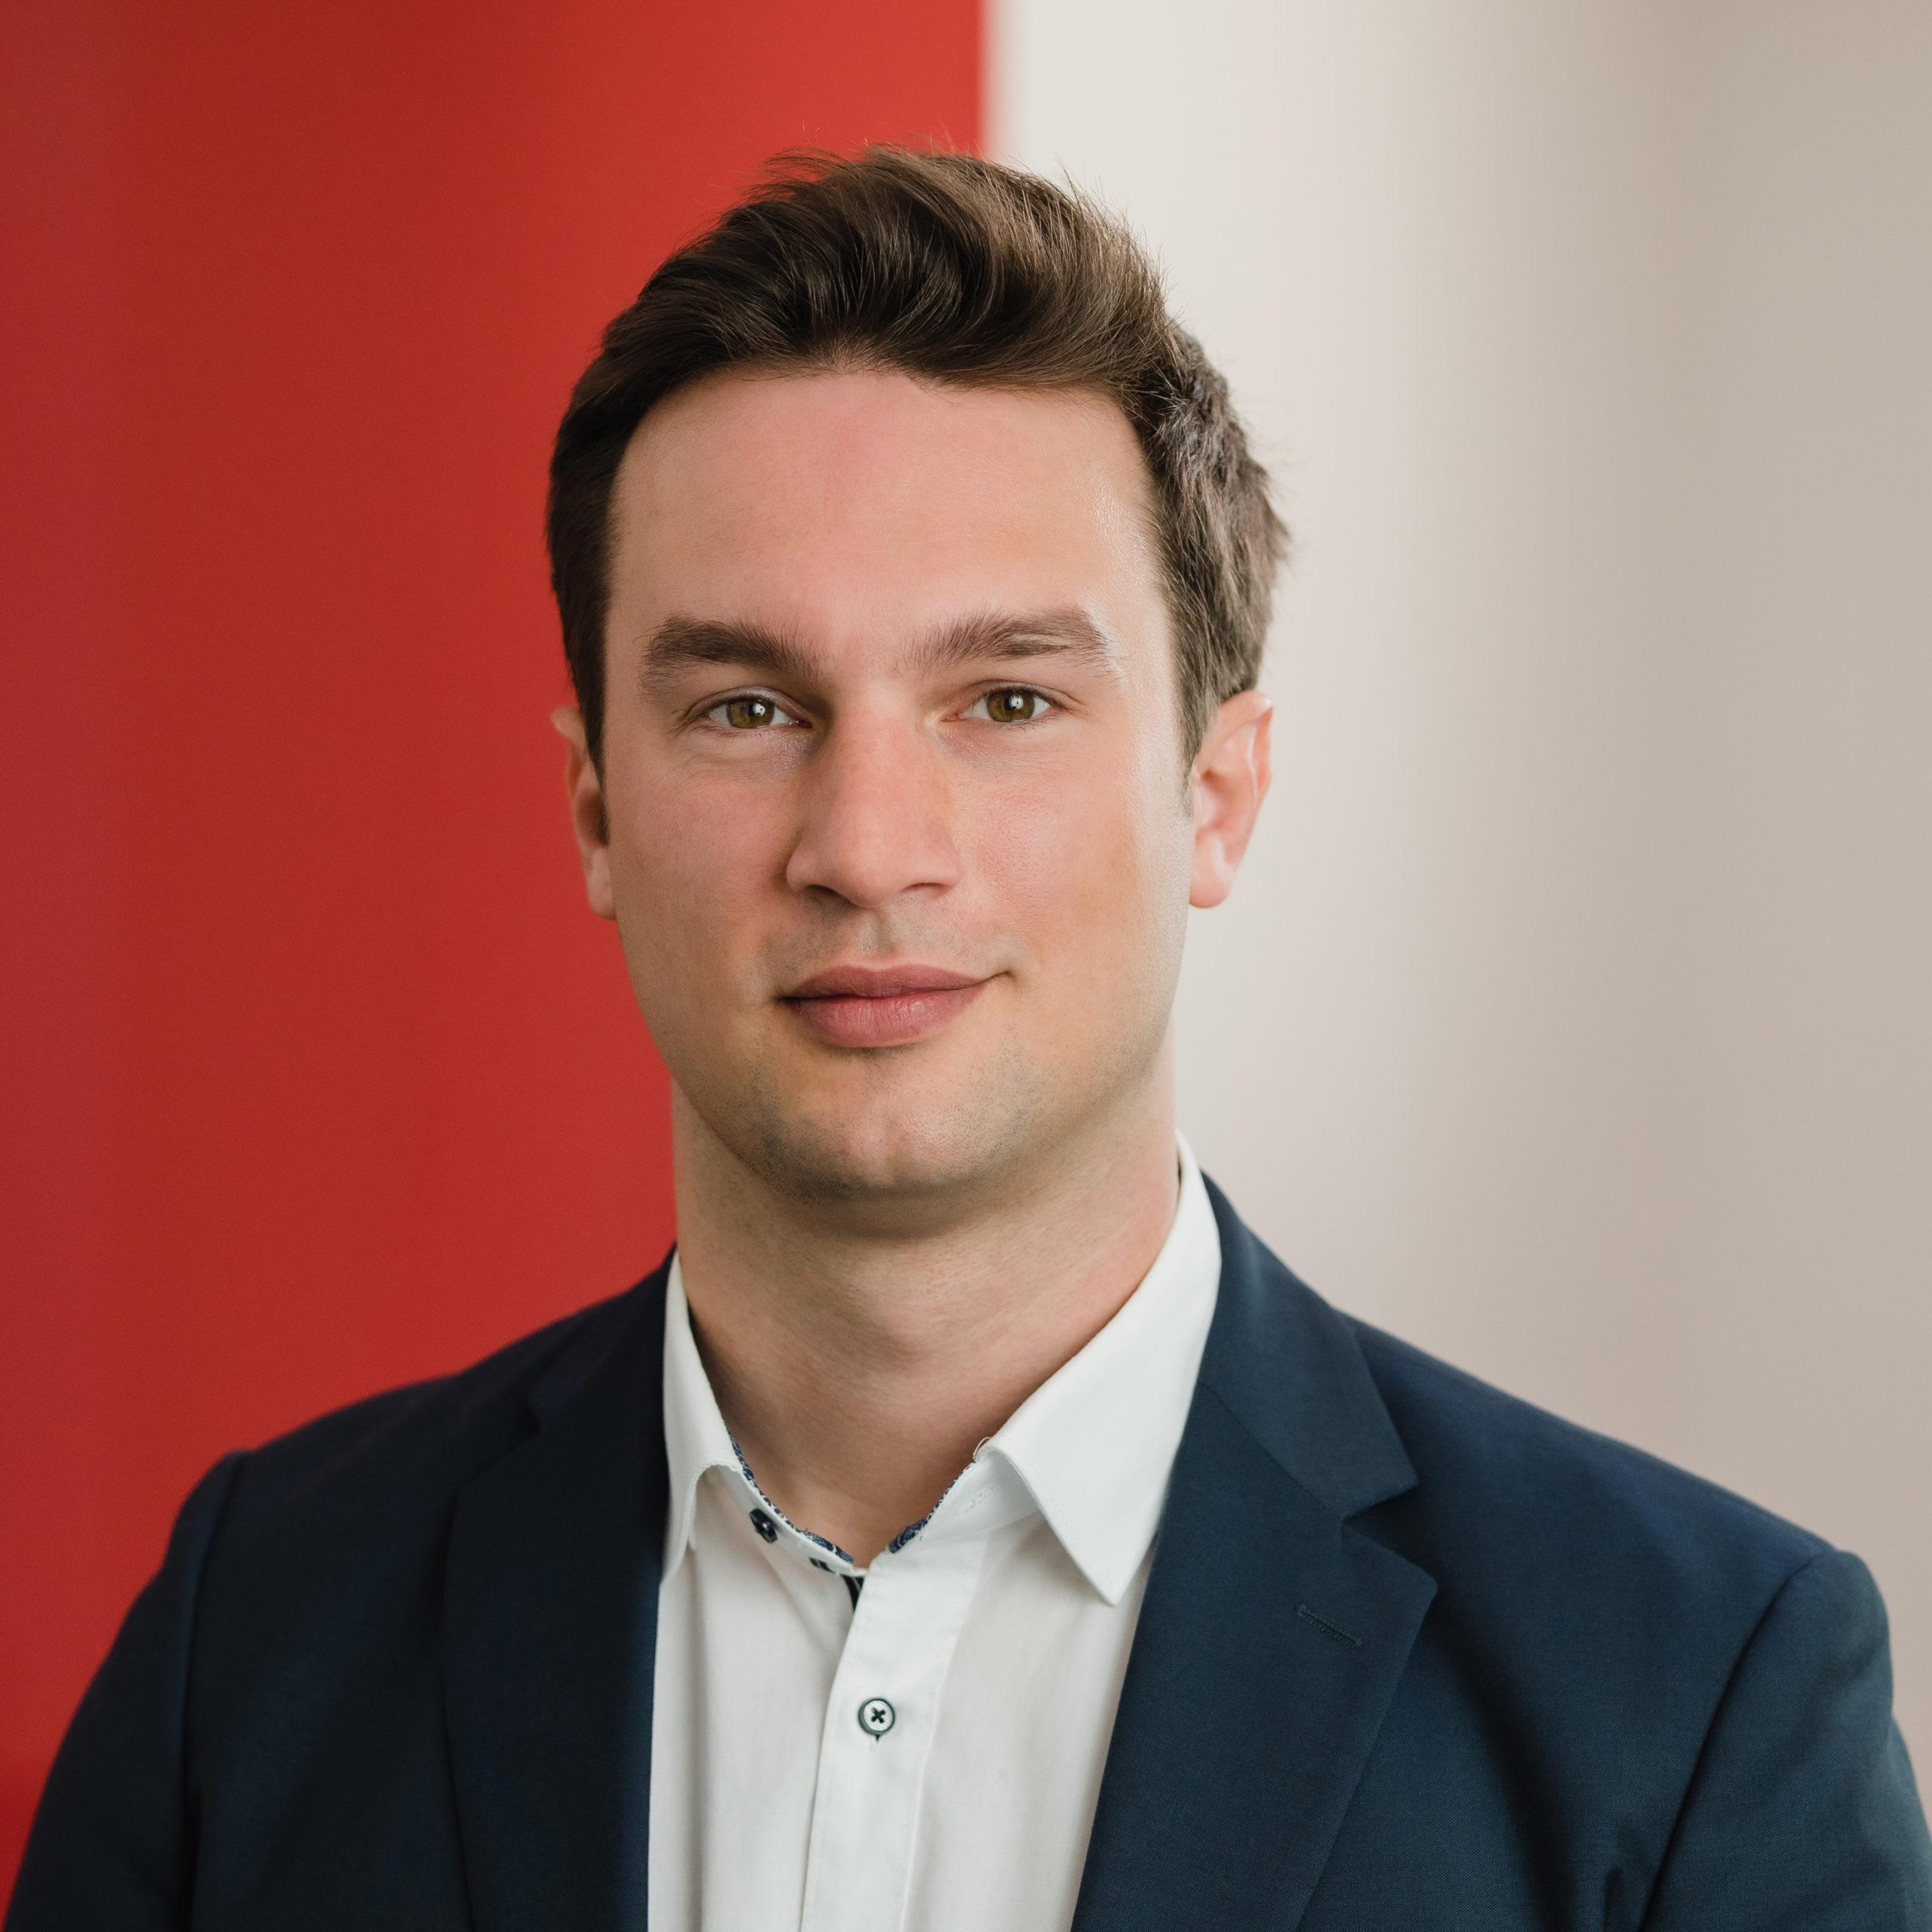 Frederic Kunkel